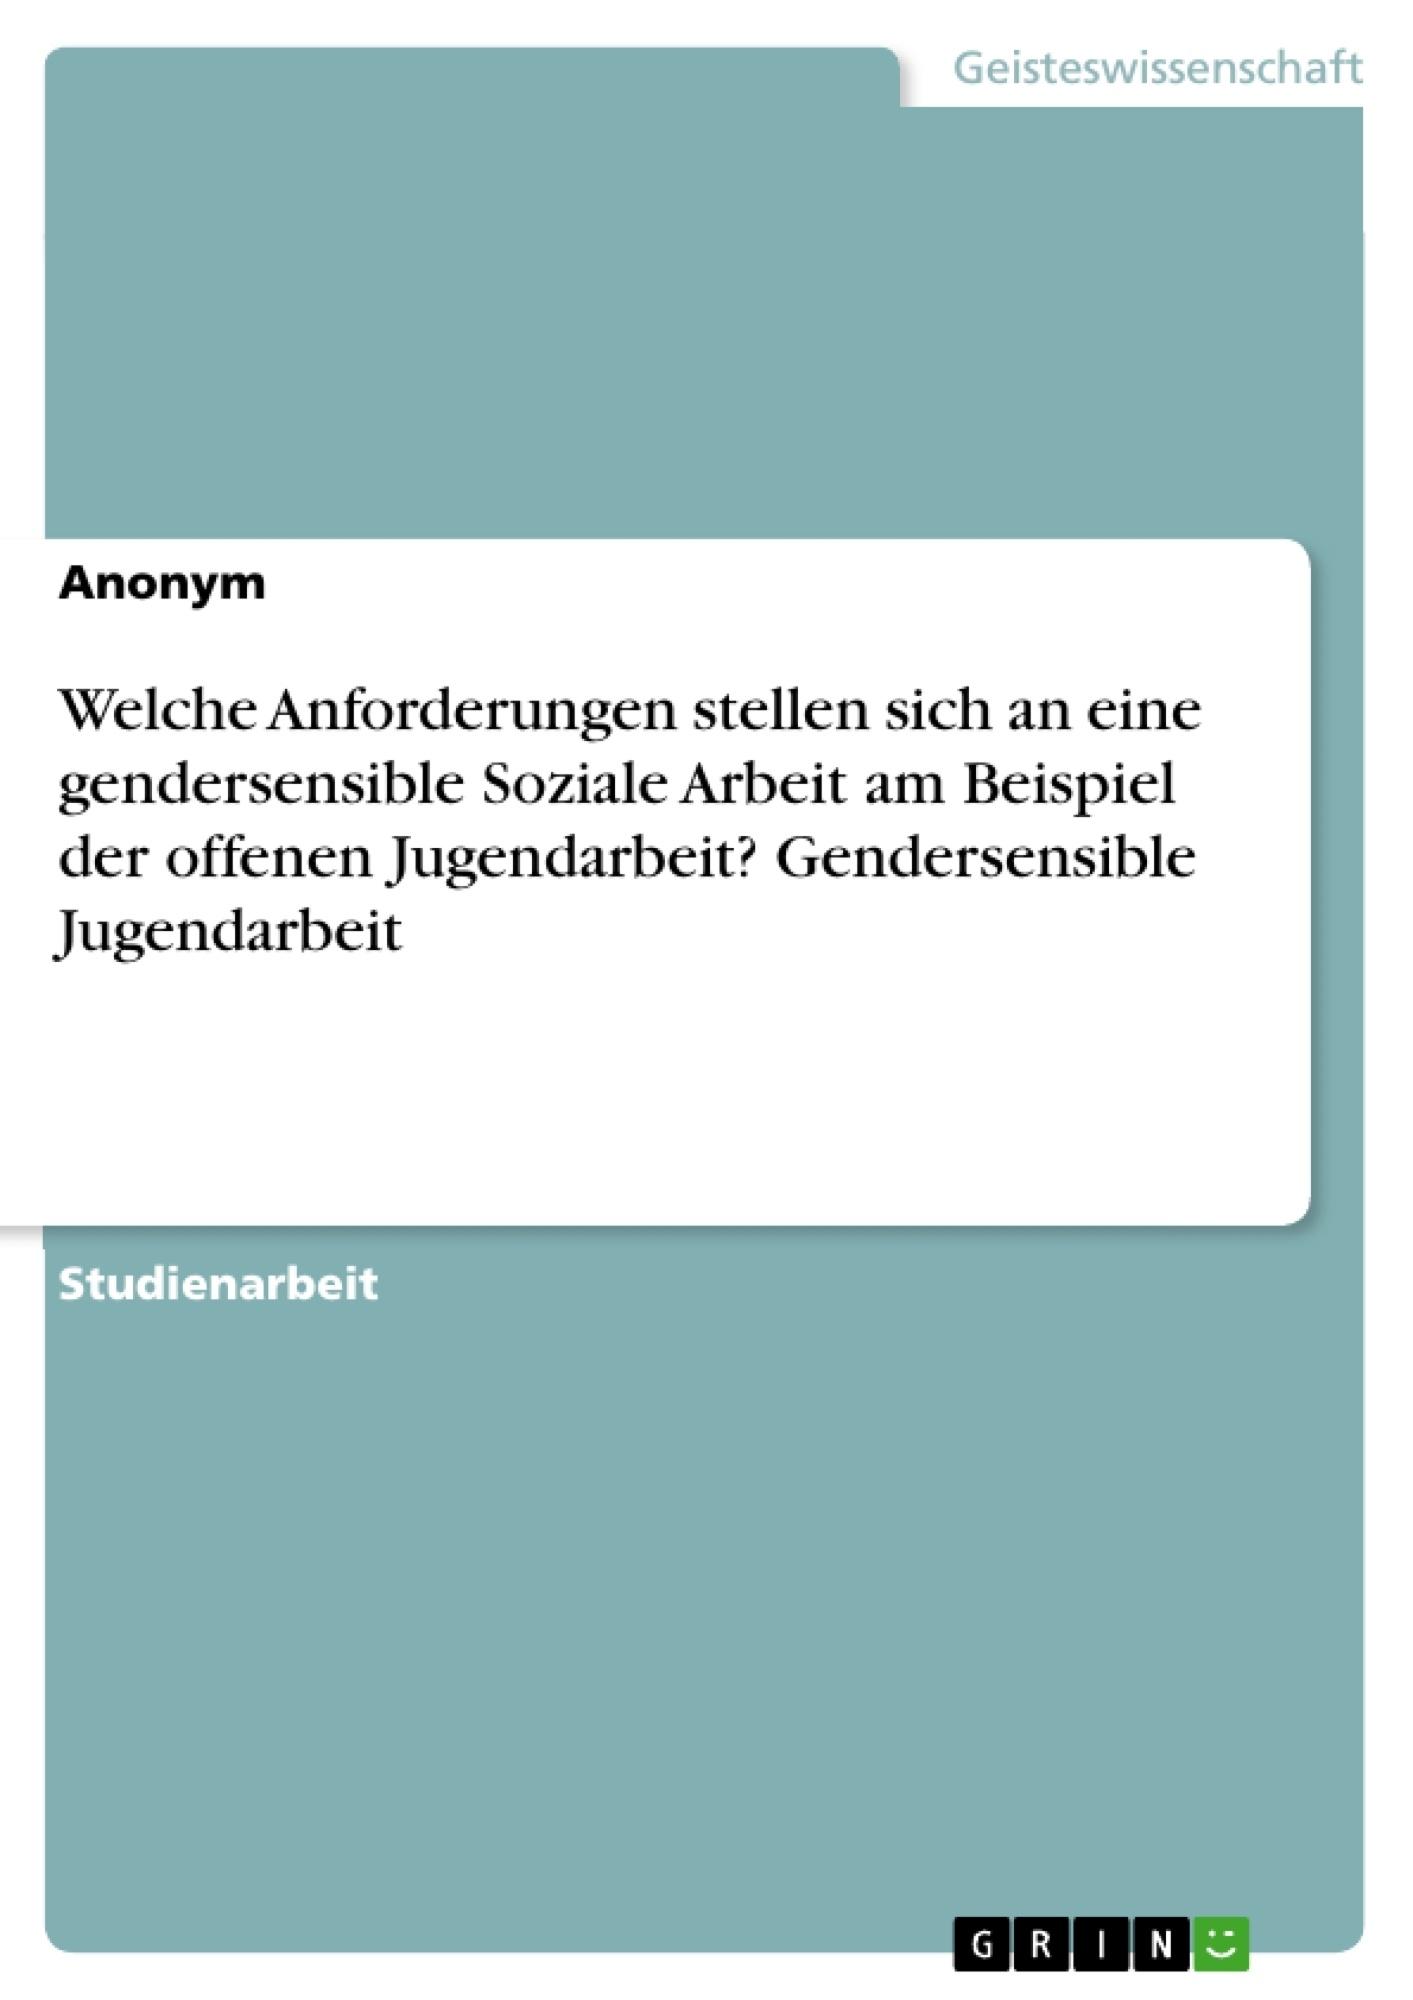 Titel: Welche Anforderungen stellen sich an eine gendersensible Soziale Arbeit am Beispiel der offenen Jugendarbeit? Gendersensible Jugendarbeit